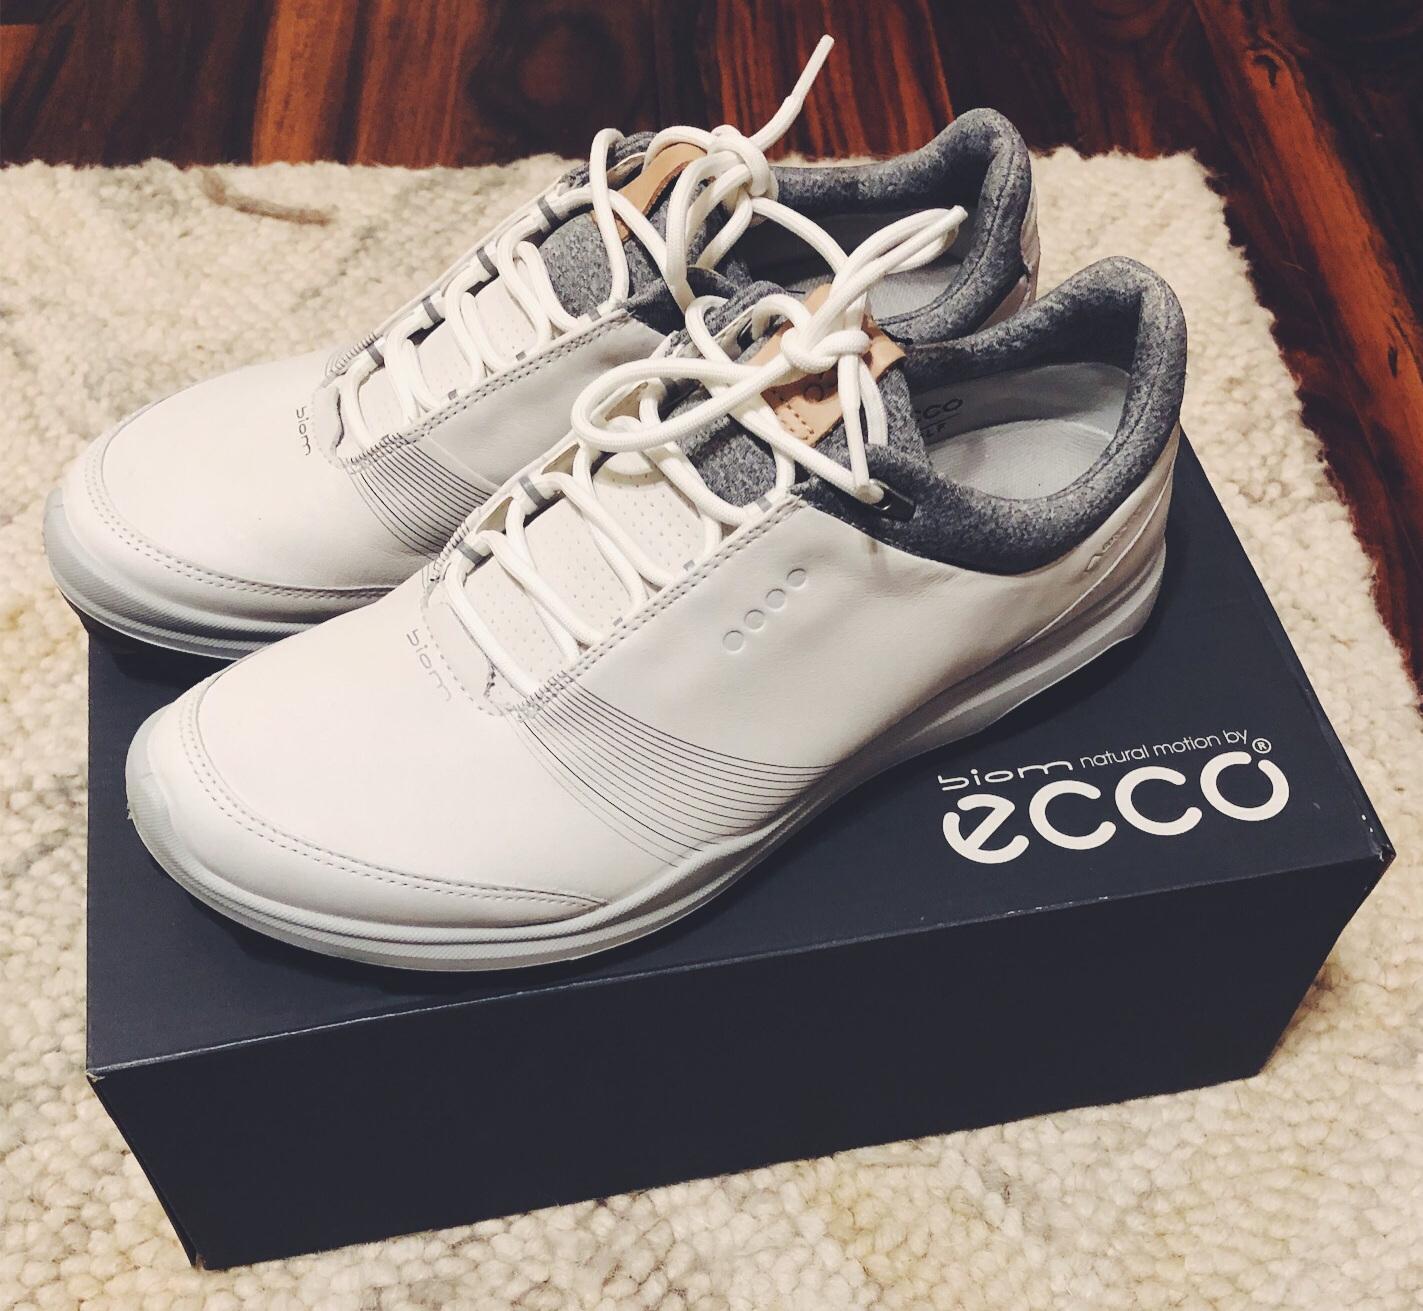 b62aca124 ECCO Women's BIOM Hybrid 3 GTX Golf Shoes — Birdies & Bliss